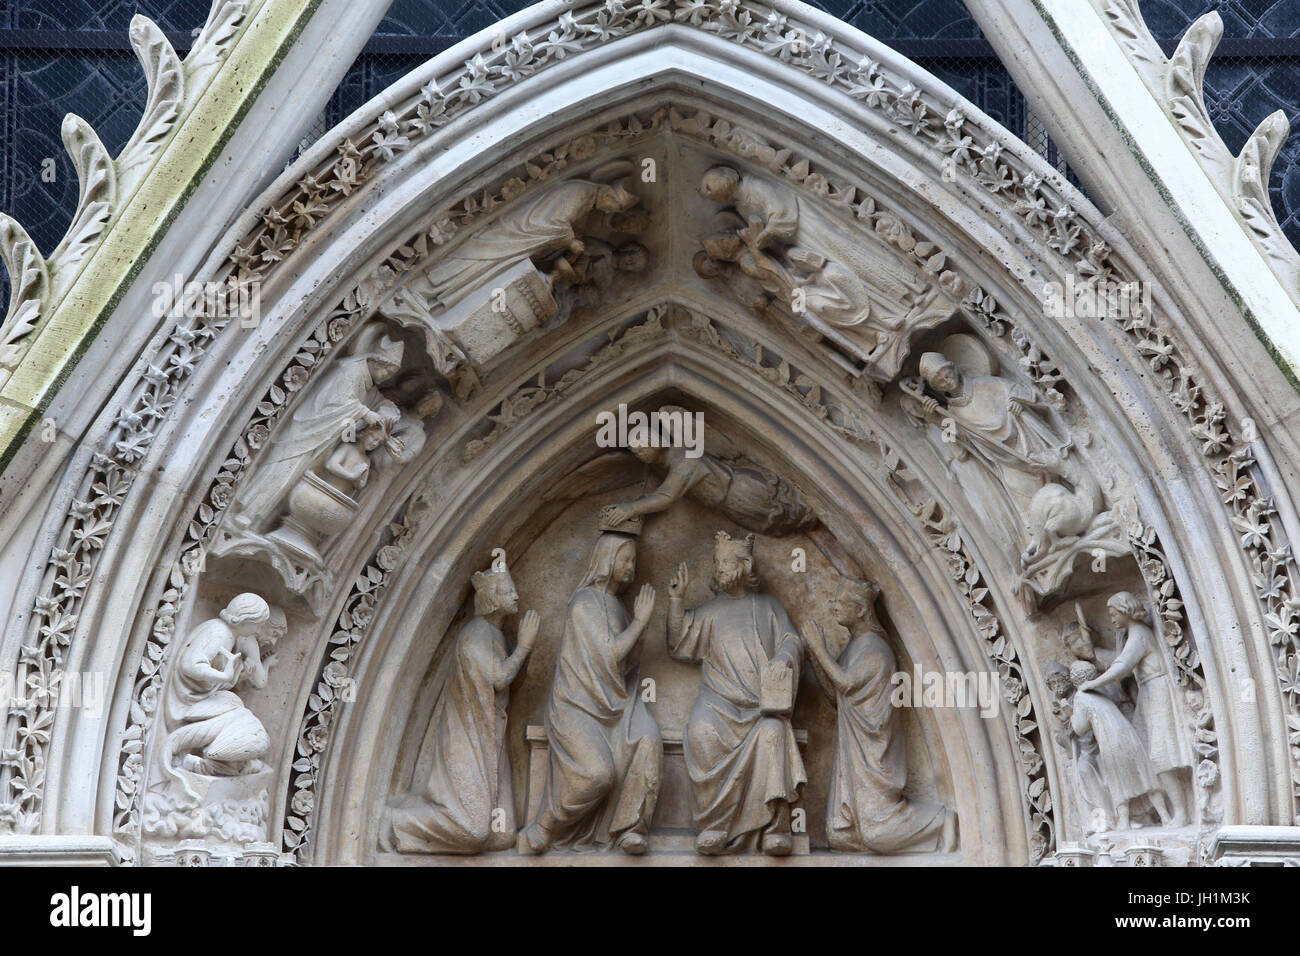 La Cathédrale Notre Dame De Paris Tympan De La Porte Rouge C1260